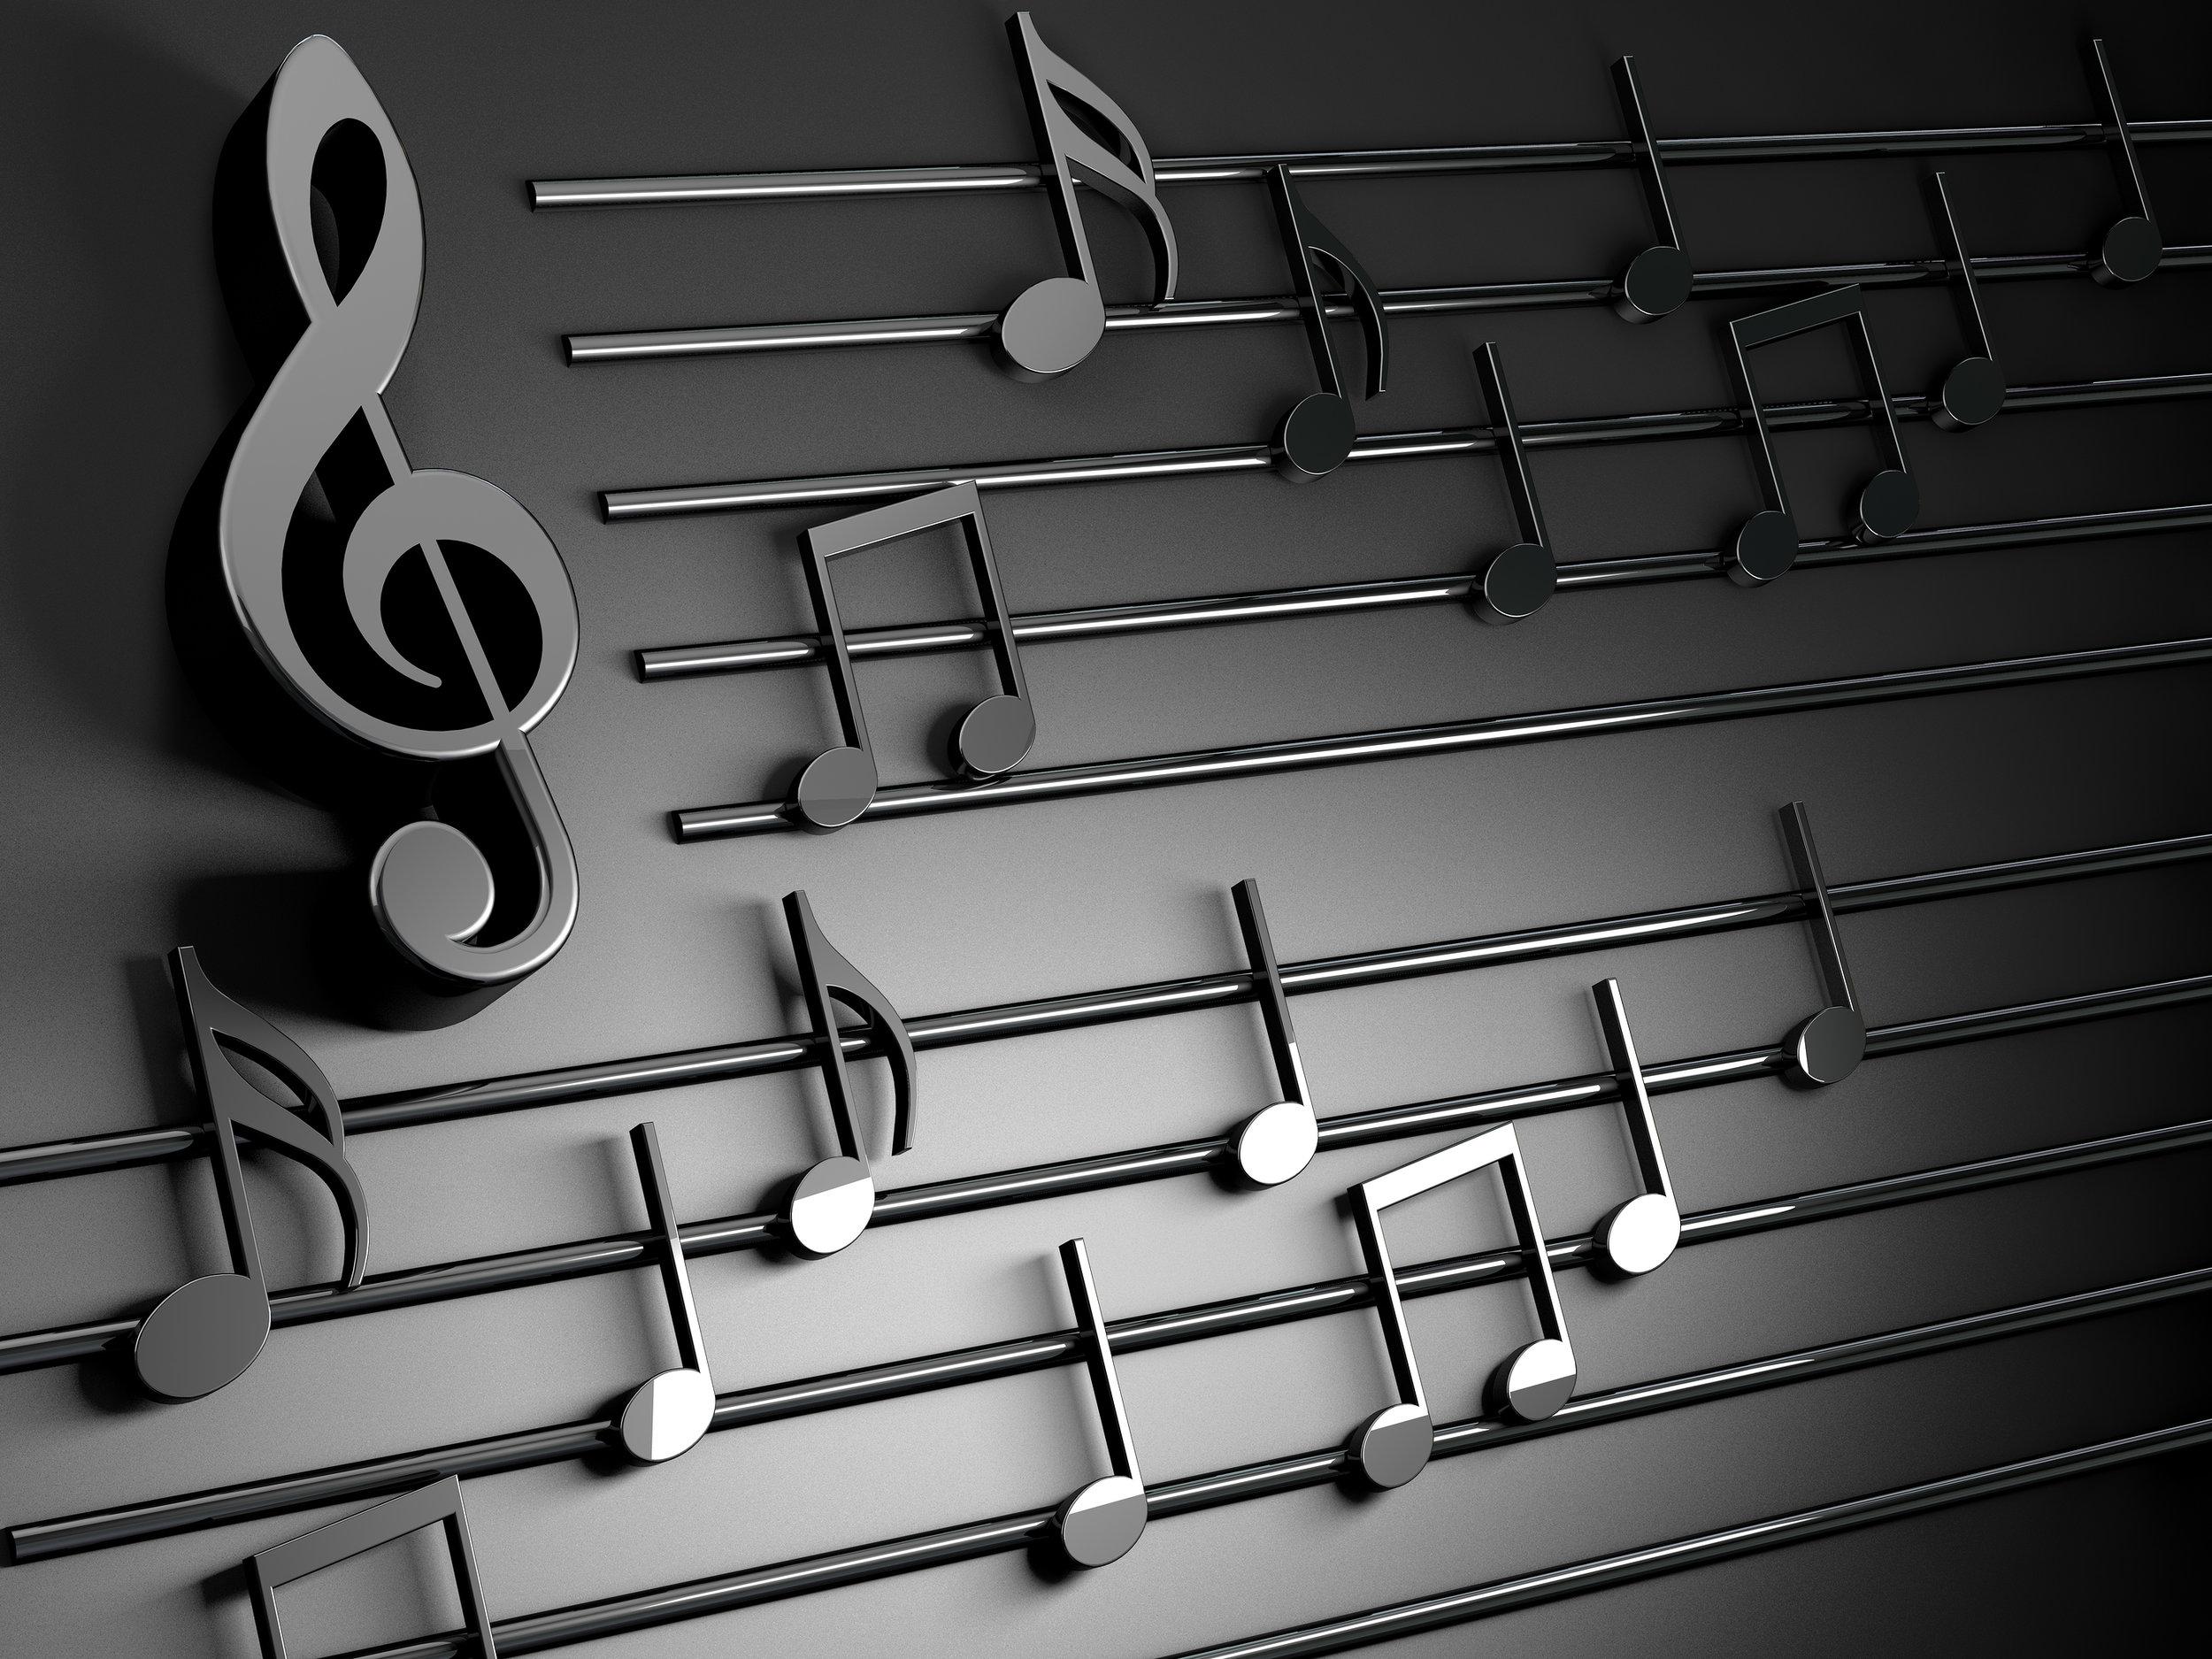 bigstock--d-Illustration-Of-Musical-Not-251537815.jpg